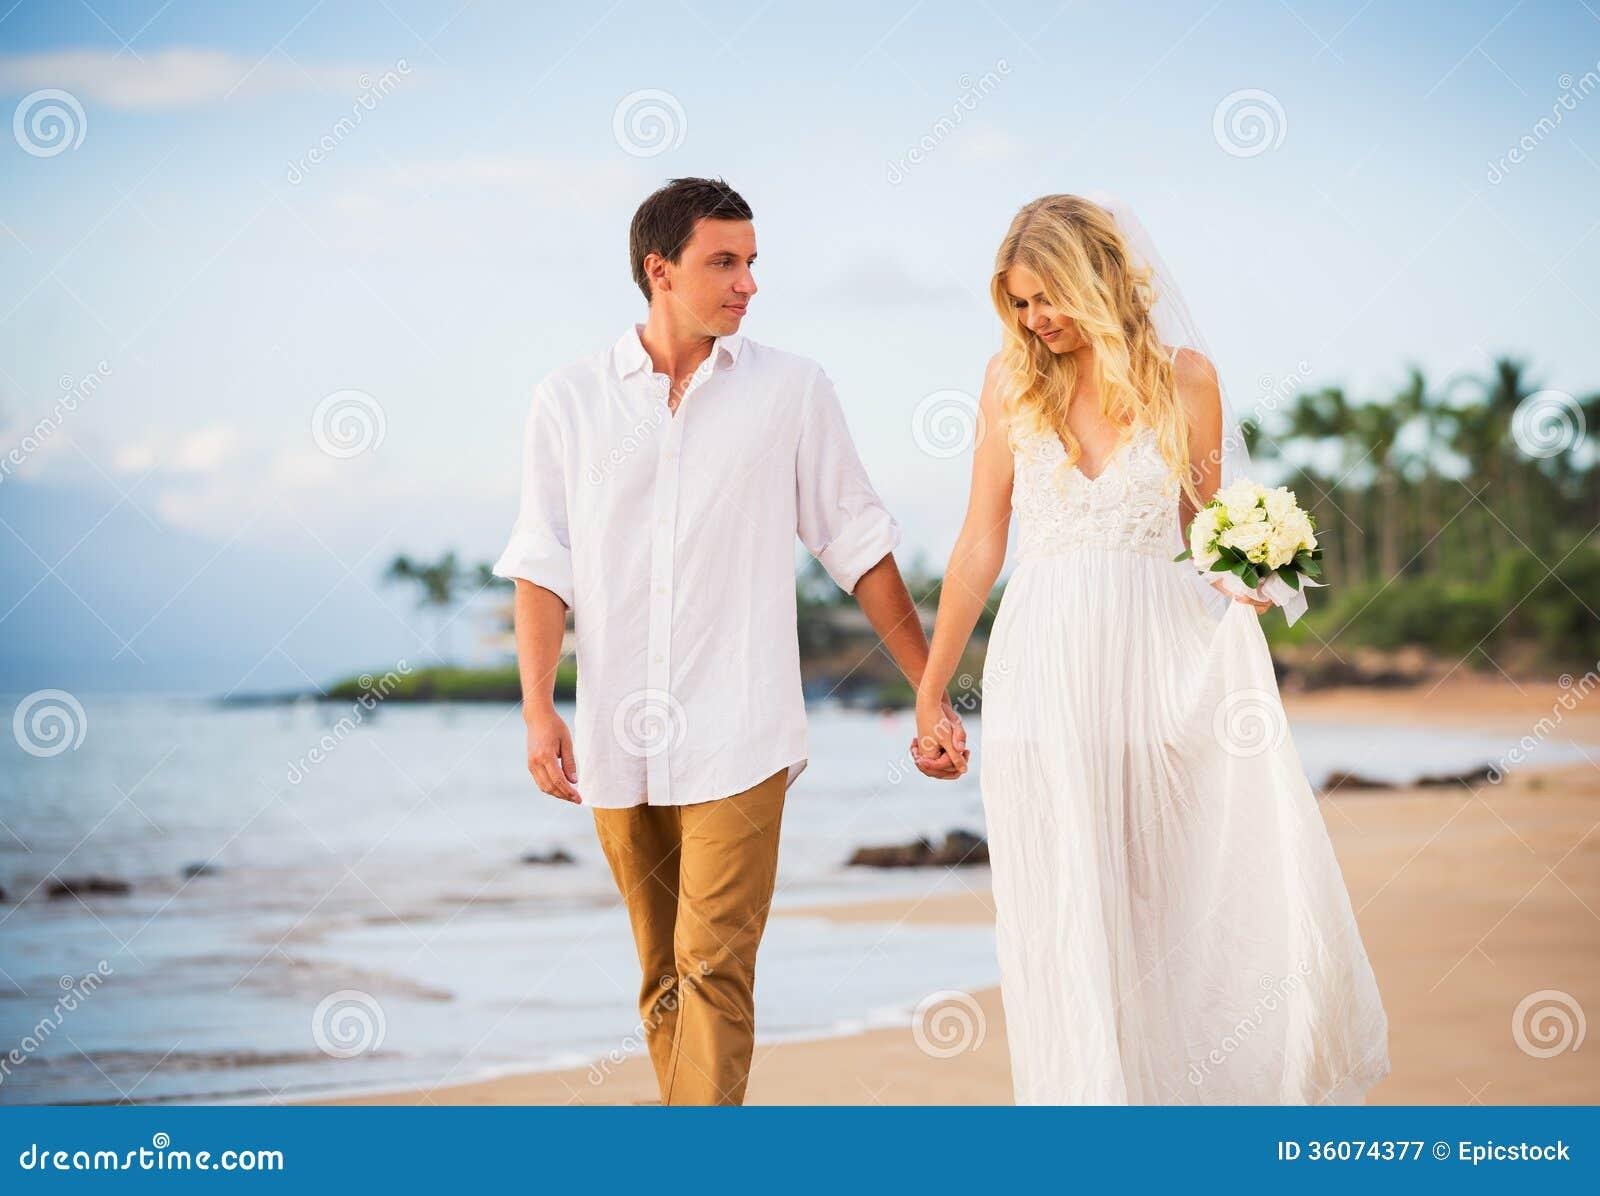 Ideas para sorprender a la novia el da de su boda